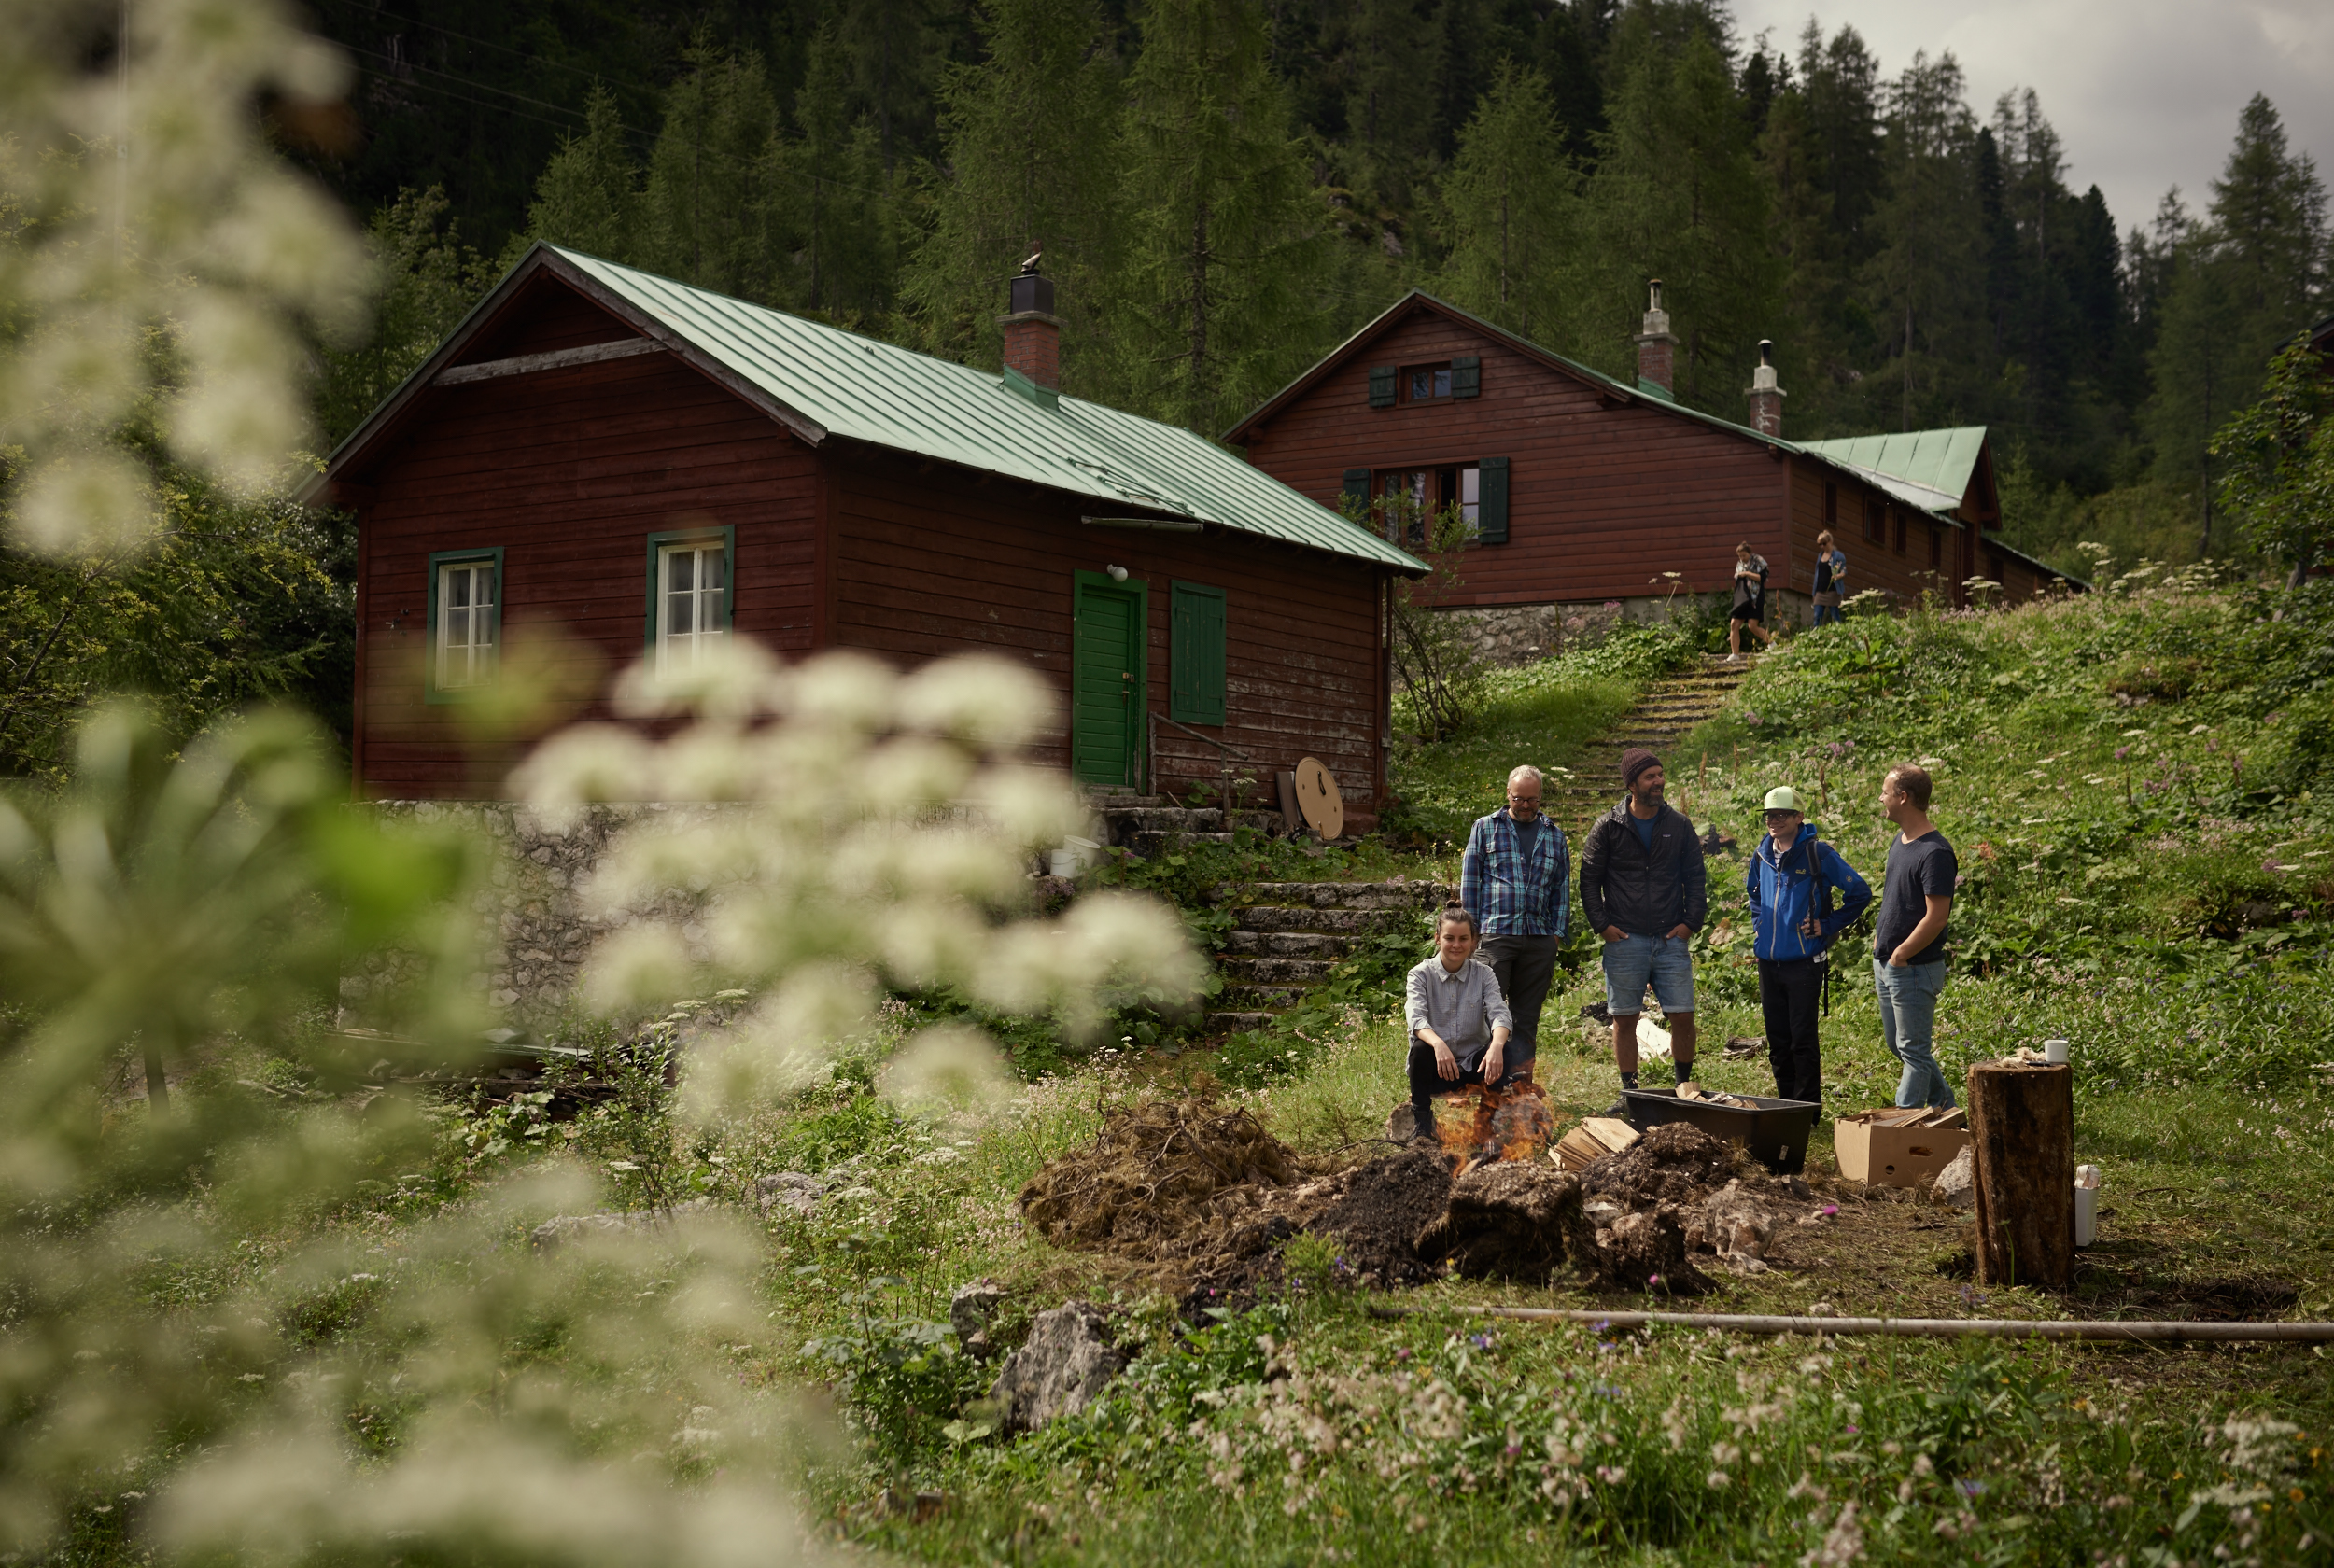 Waldwerkstätte-Dachstein-_DSC4046_David-Payr.jpg